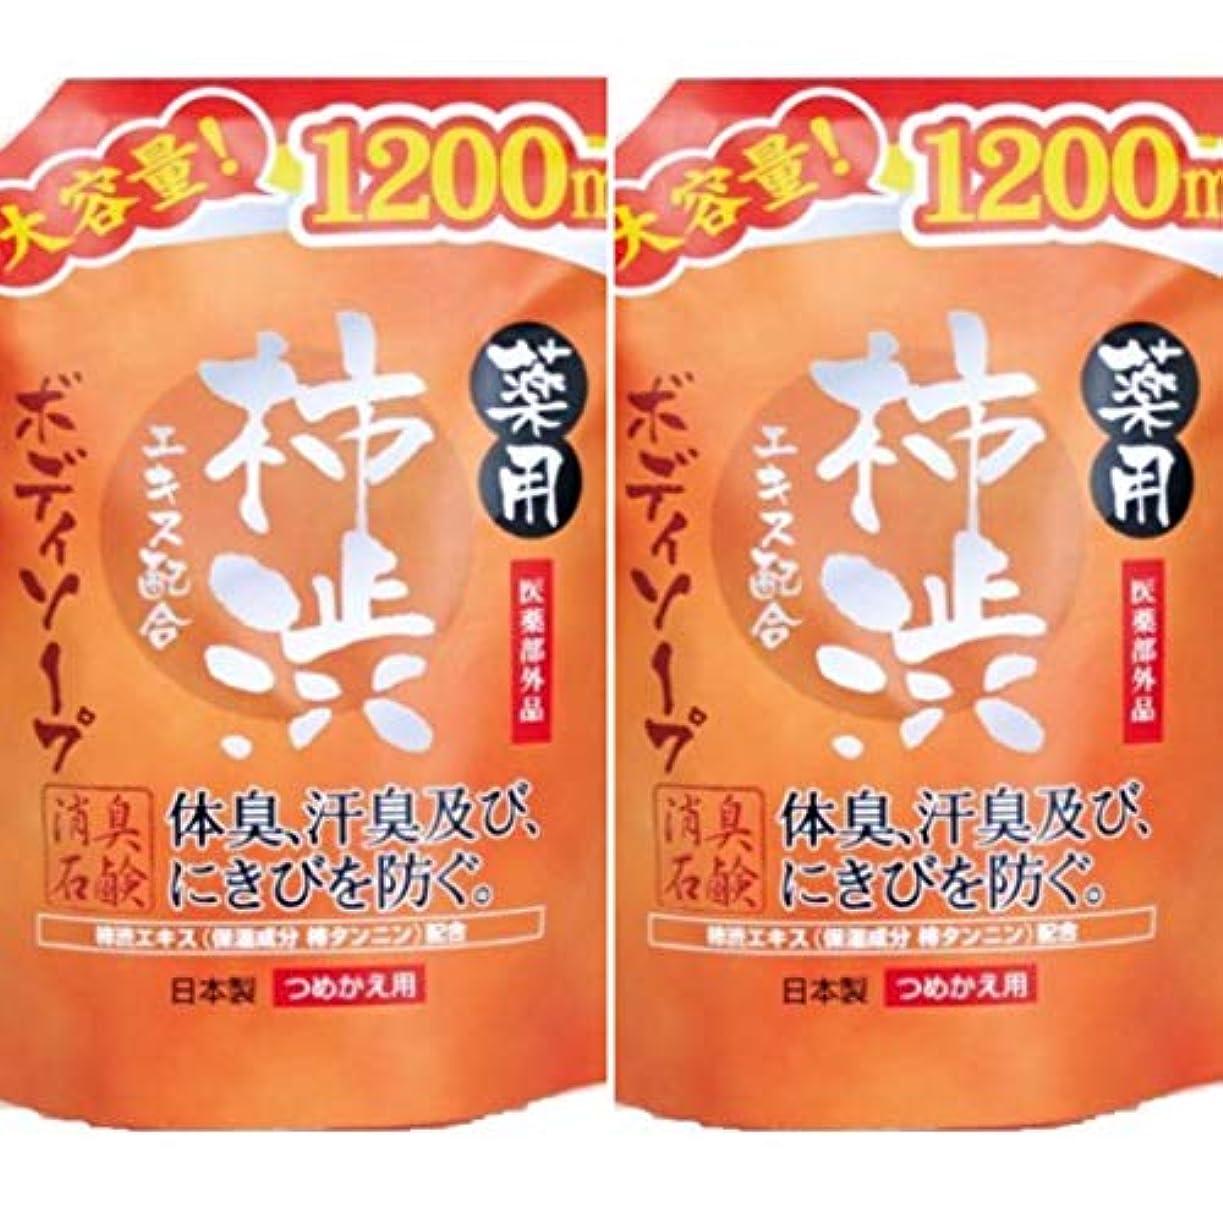 キャッシュ成熟コンクリート薬用柿渋 ボディソープ大容量 1200mL ×2セット